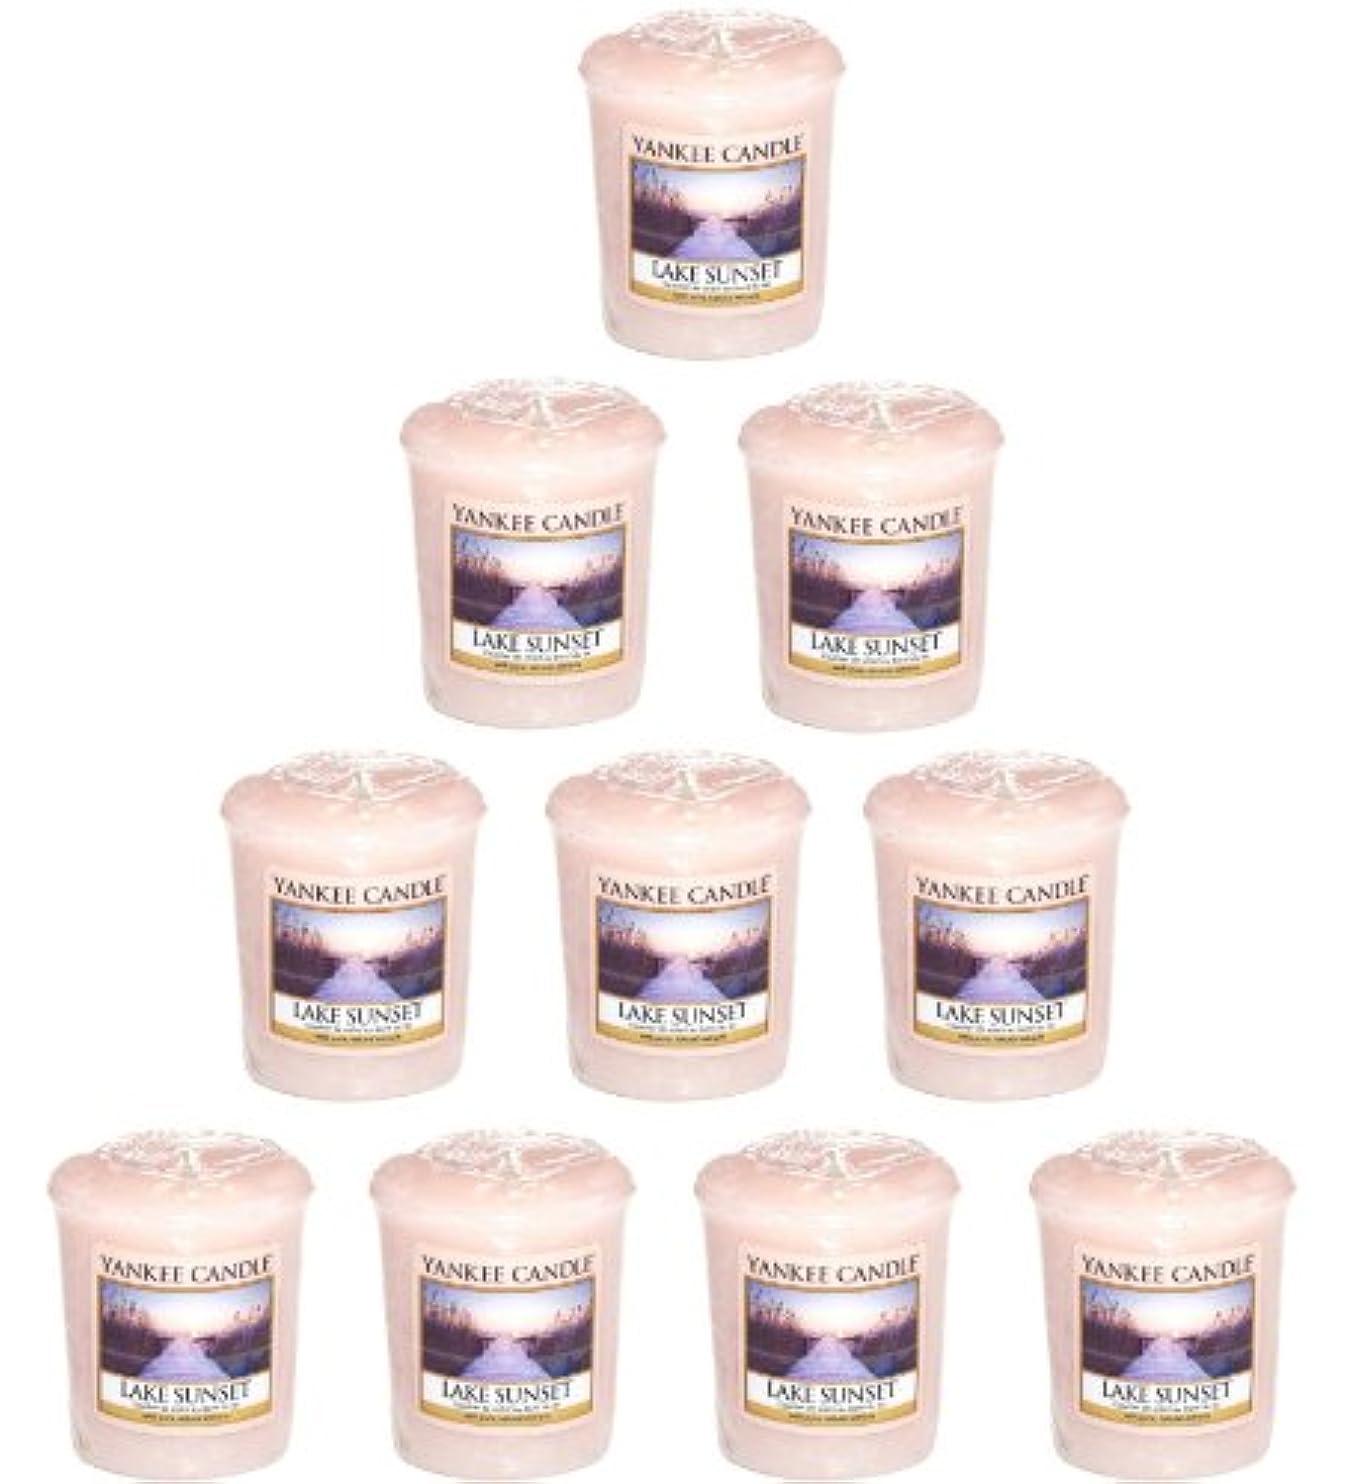 コークス知覚的回路Yankee Candle – 10 x湖サンセットVotive Samplers – 新しい香りfor 2013 。